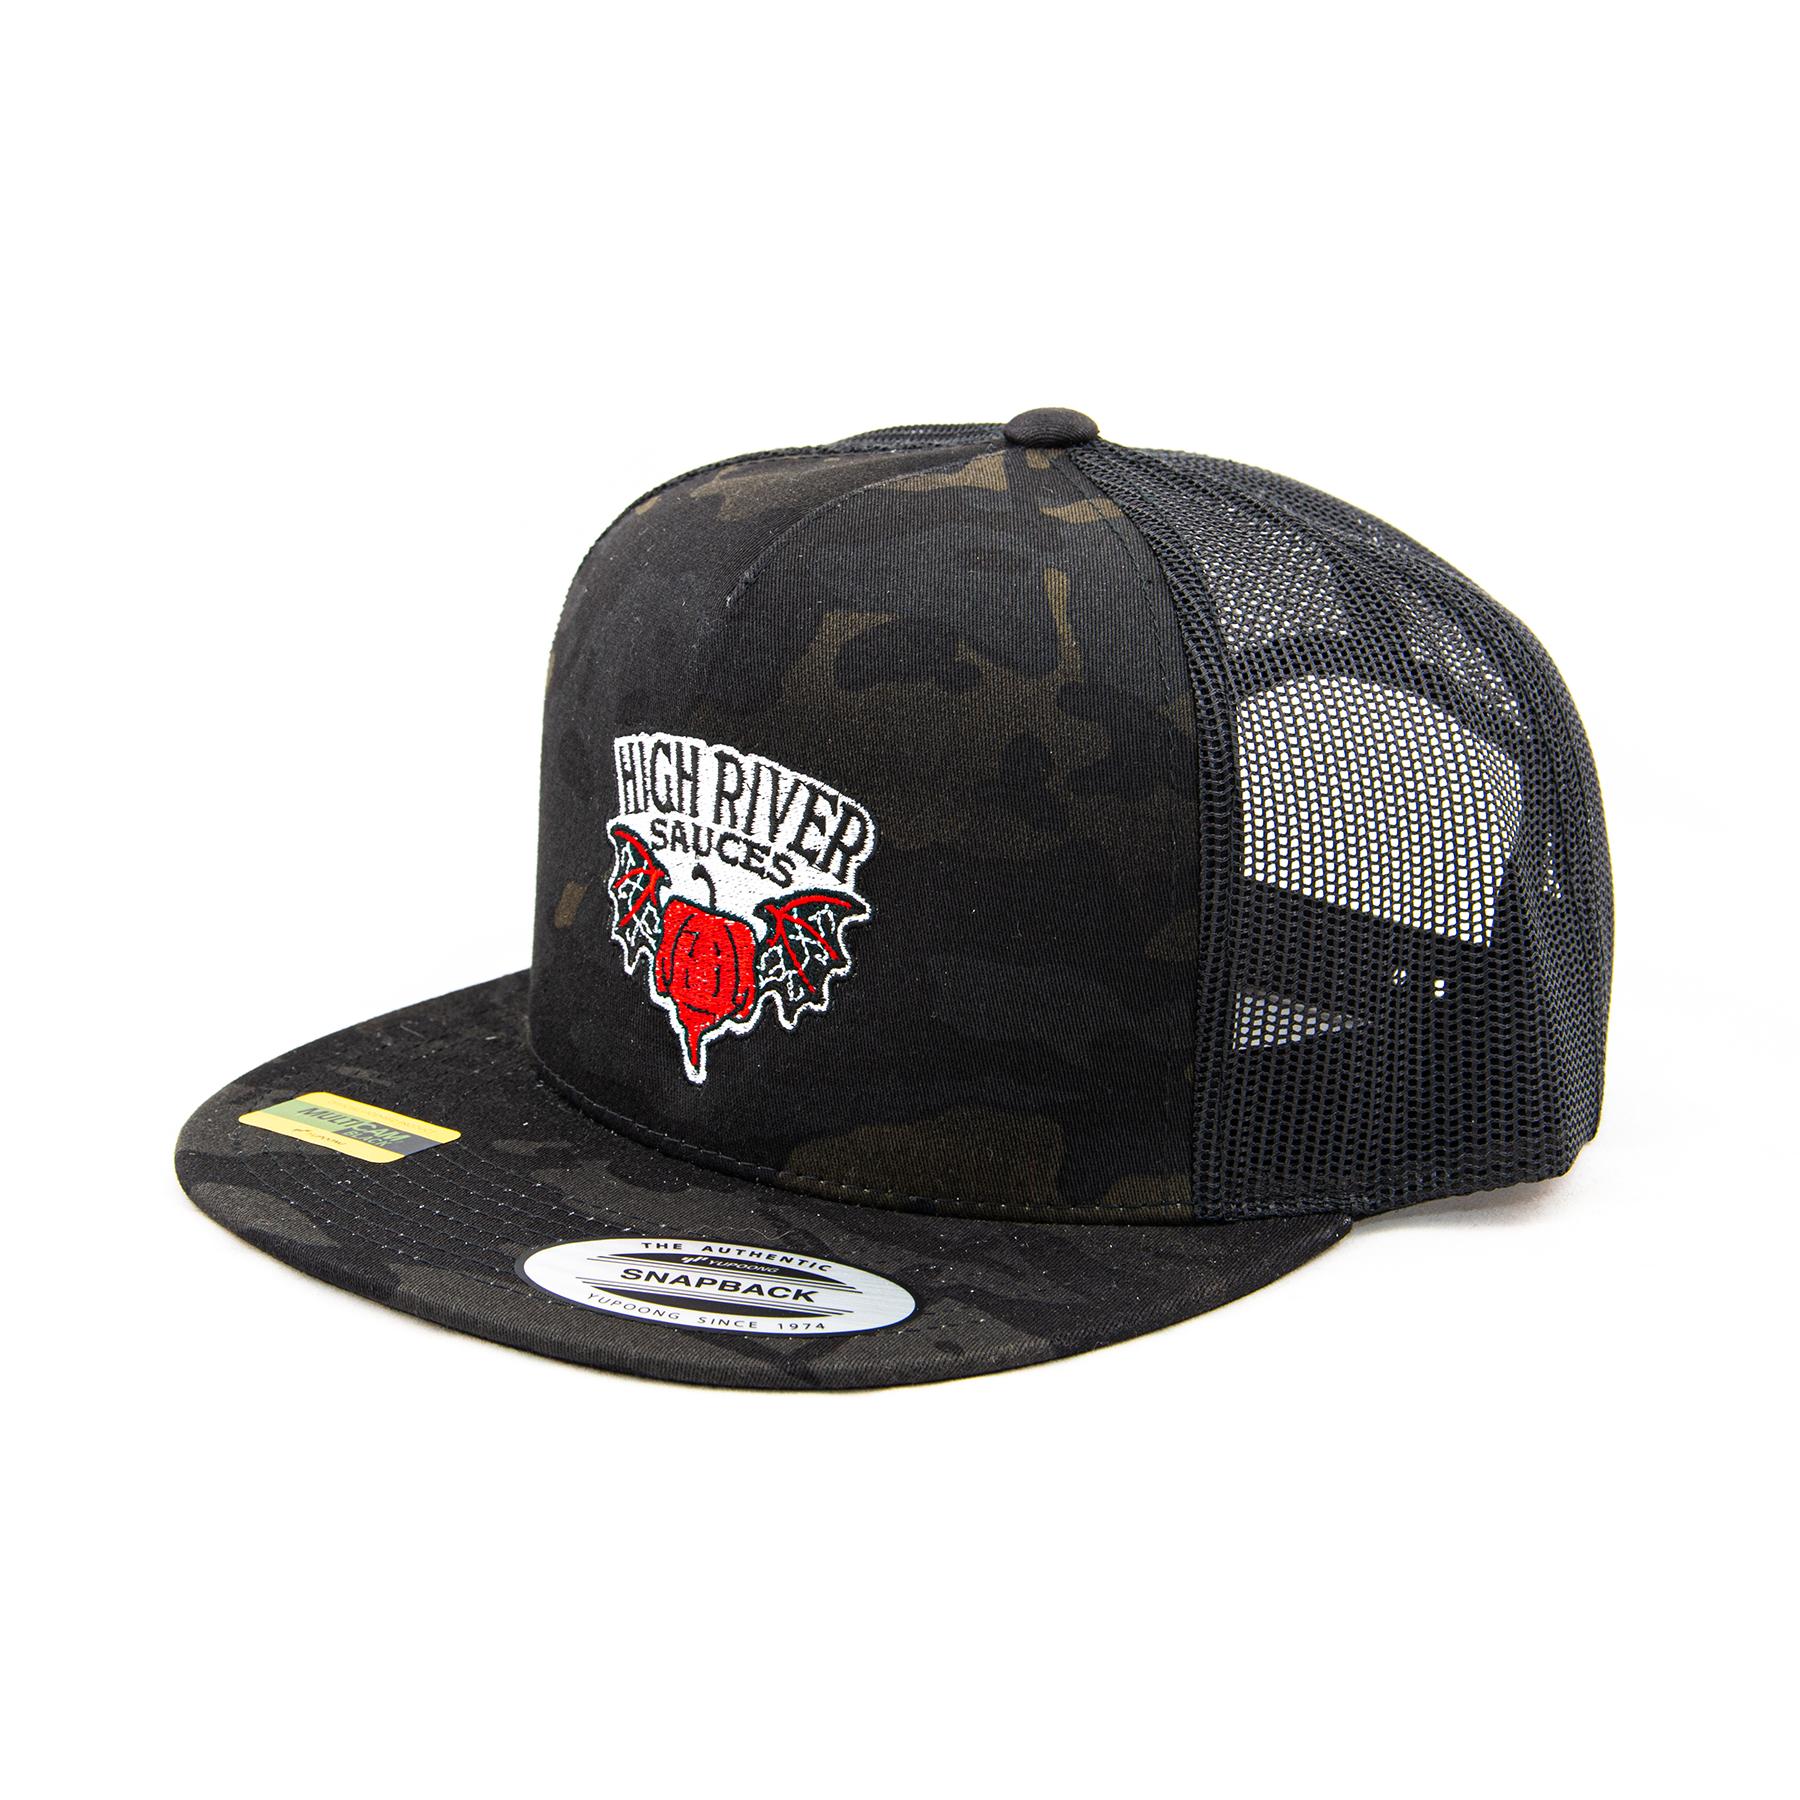 black multicam hat 3/4 view